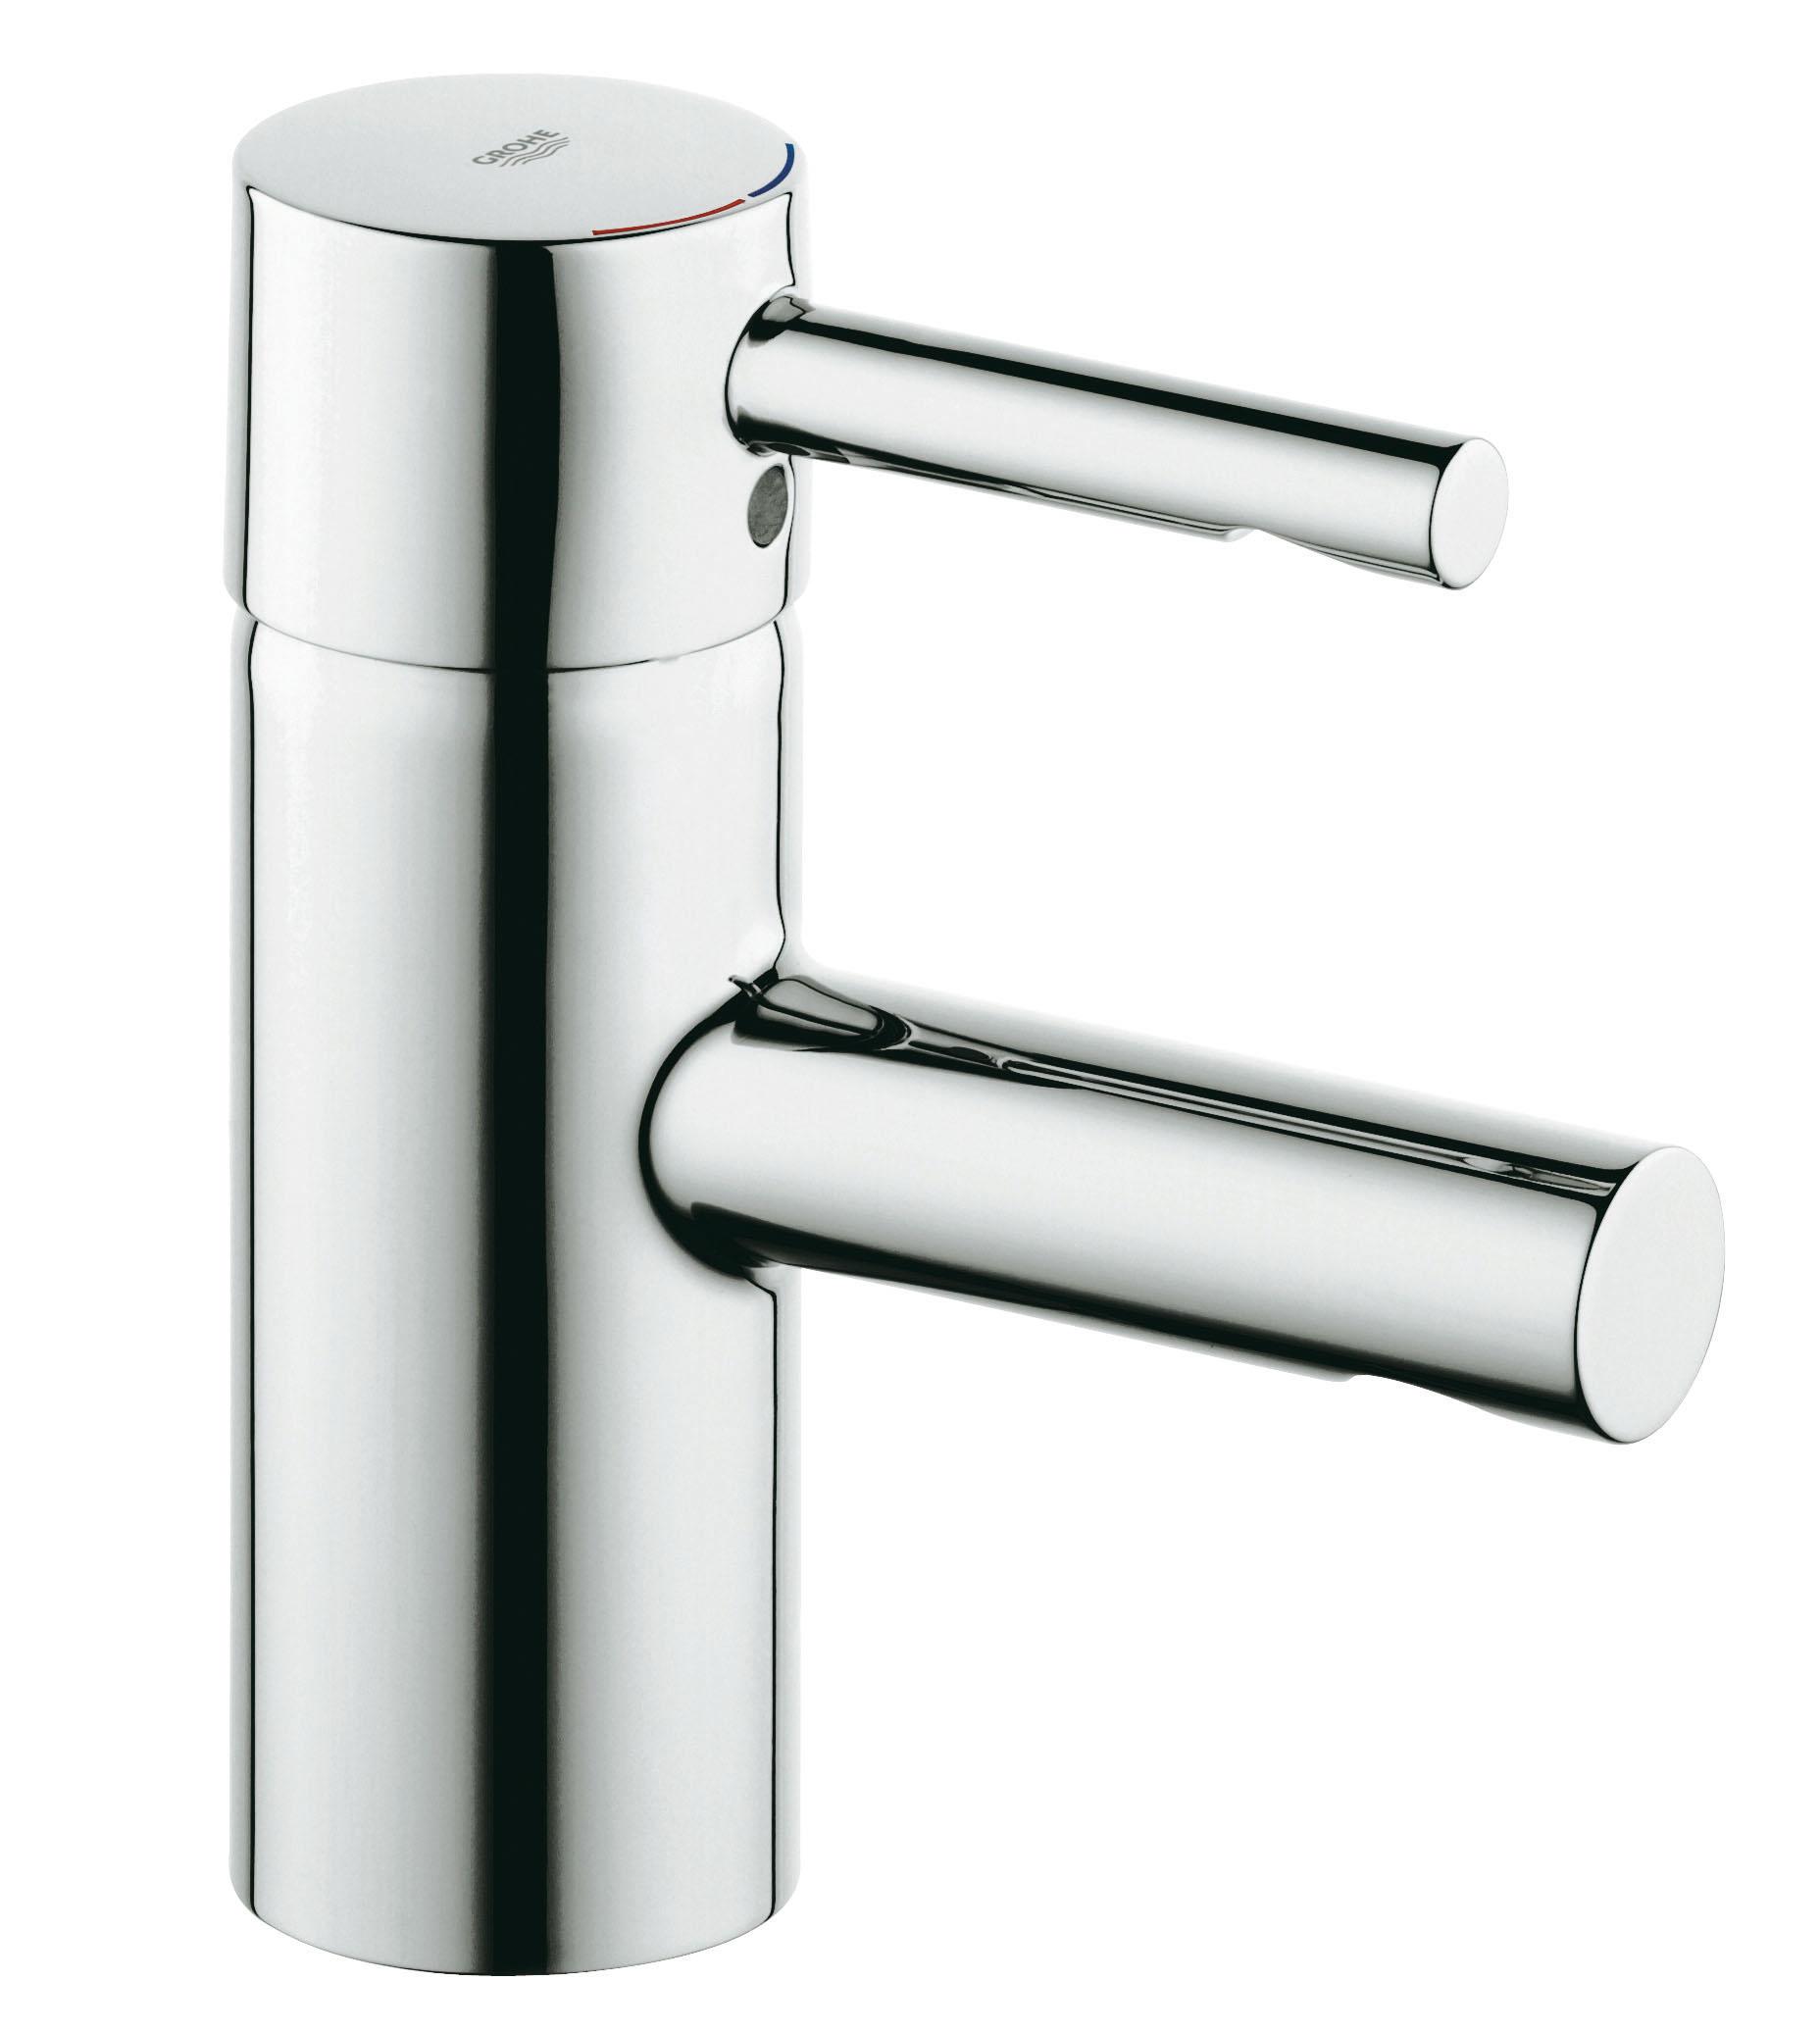 Смеситель для раковины GROHE Essence (34294000)BL505GROHE Essence: смеситель для ванной комнаты с ослепительным покрытием Благодаря цилиндрическим формам и тонкому рычагу, этот смеситель для ванной комнаты из коллекции GROHE Essence привлекает внимание своей эффектностью. Он оснащен прямым изливом, чья высота подобрана таким образом, чтобы обеспечивать комфорт в комбинации с раковинами стандартных размеров. Смеситель отличается цельным корпусом и не имеет встроенных механизмом управления сливным клапаном. Технология GROHE SilkMove, применяемая в конструкции картриджа, обеспечивает регулировку температуры и напора воды минимальным усилием. Хромированное покрытие GROHE StarLight поможет Вашему новому смесителю сохранить свой ослепительный внешний вид на долгие годы. Специальная система упрощенного монтажа позволит выполнить установку данного однорычажного смесителя практически мгновенно.Особенности:Монтаж на одно отверстие GROHE SilkMove керамический картридж 35 мм GROHE StarLight хромированная поверхностьРегулировка расхода воды Возможность установки мин. расхода 2,5 л/мин. Встроенный аэратор Гладкий корпус Без тяги и сливного гарнитура Гибкая подводка Система быстрого монтажа Скрытое крепление рычага Видео по установке является исключительно информационным. Установка должна проводиться профессионалами!